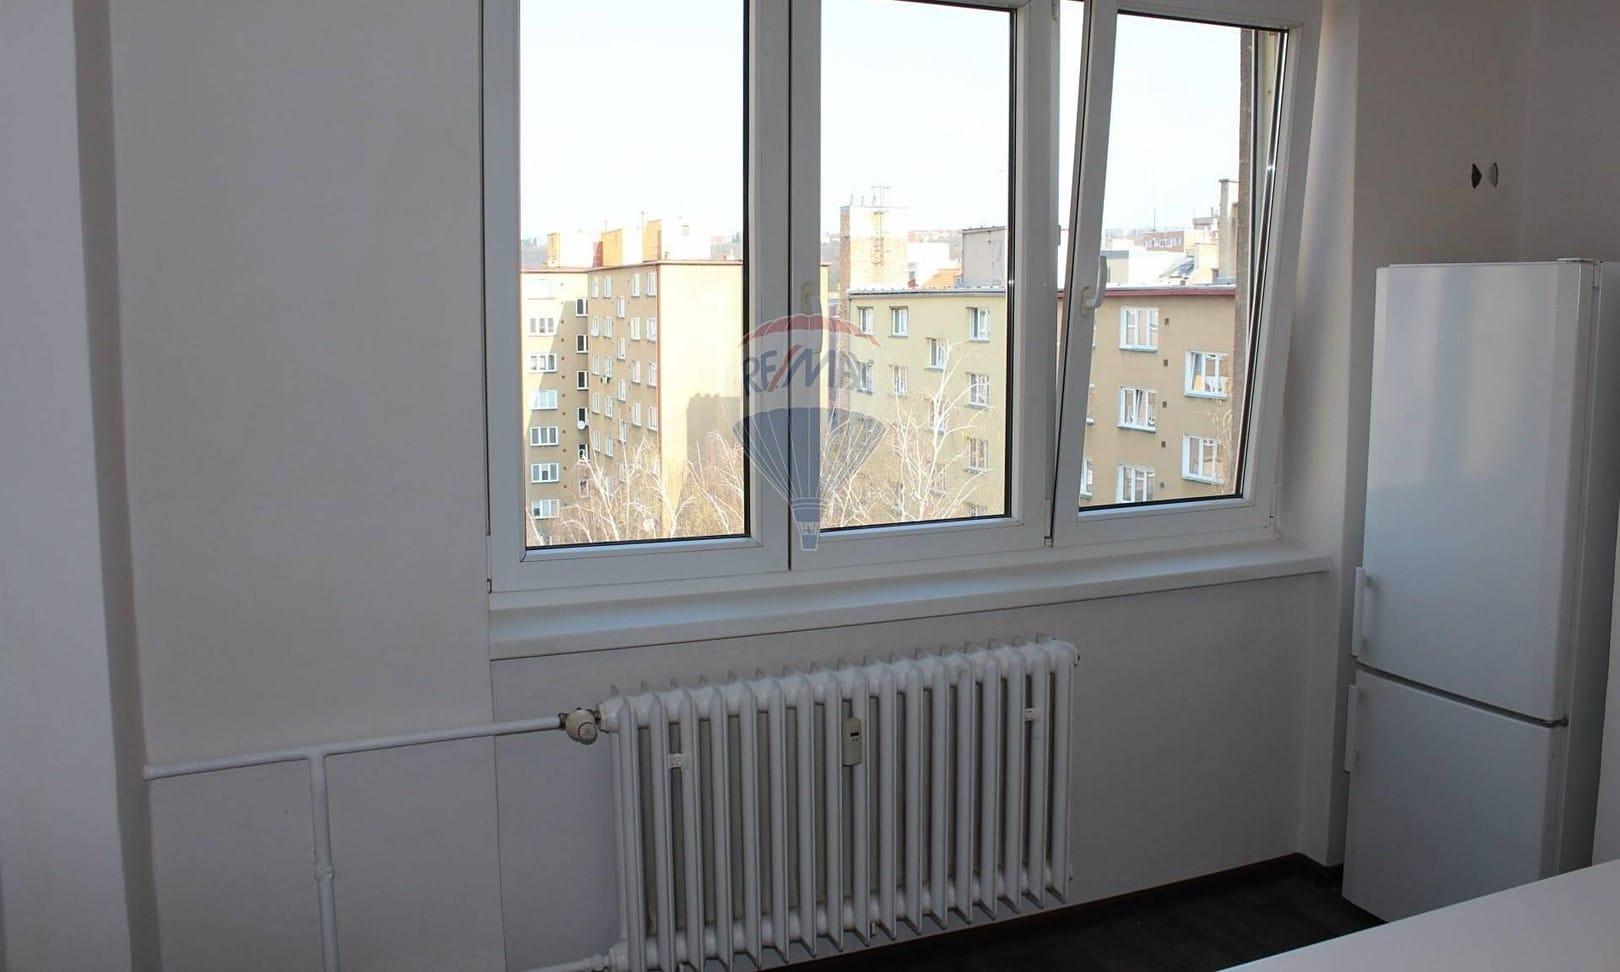 למכירה דירת 2+1 בשטח של 52 מר בפראג 9 (9)